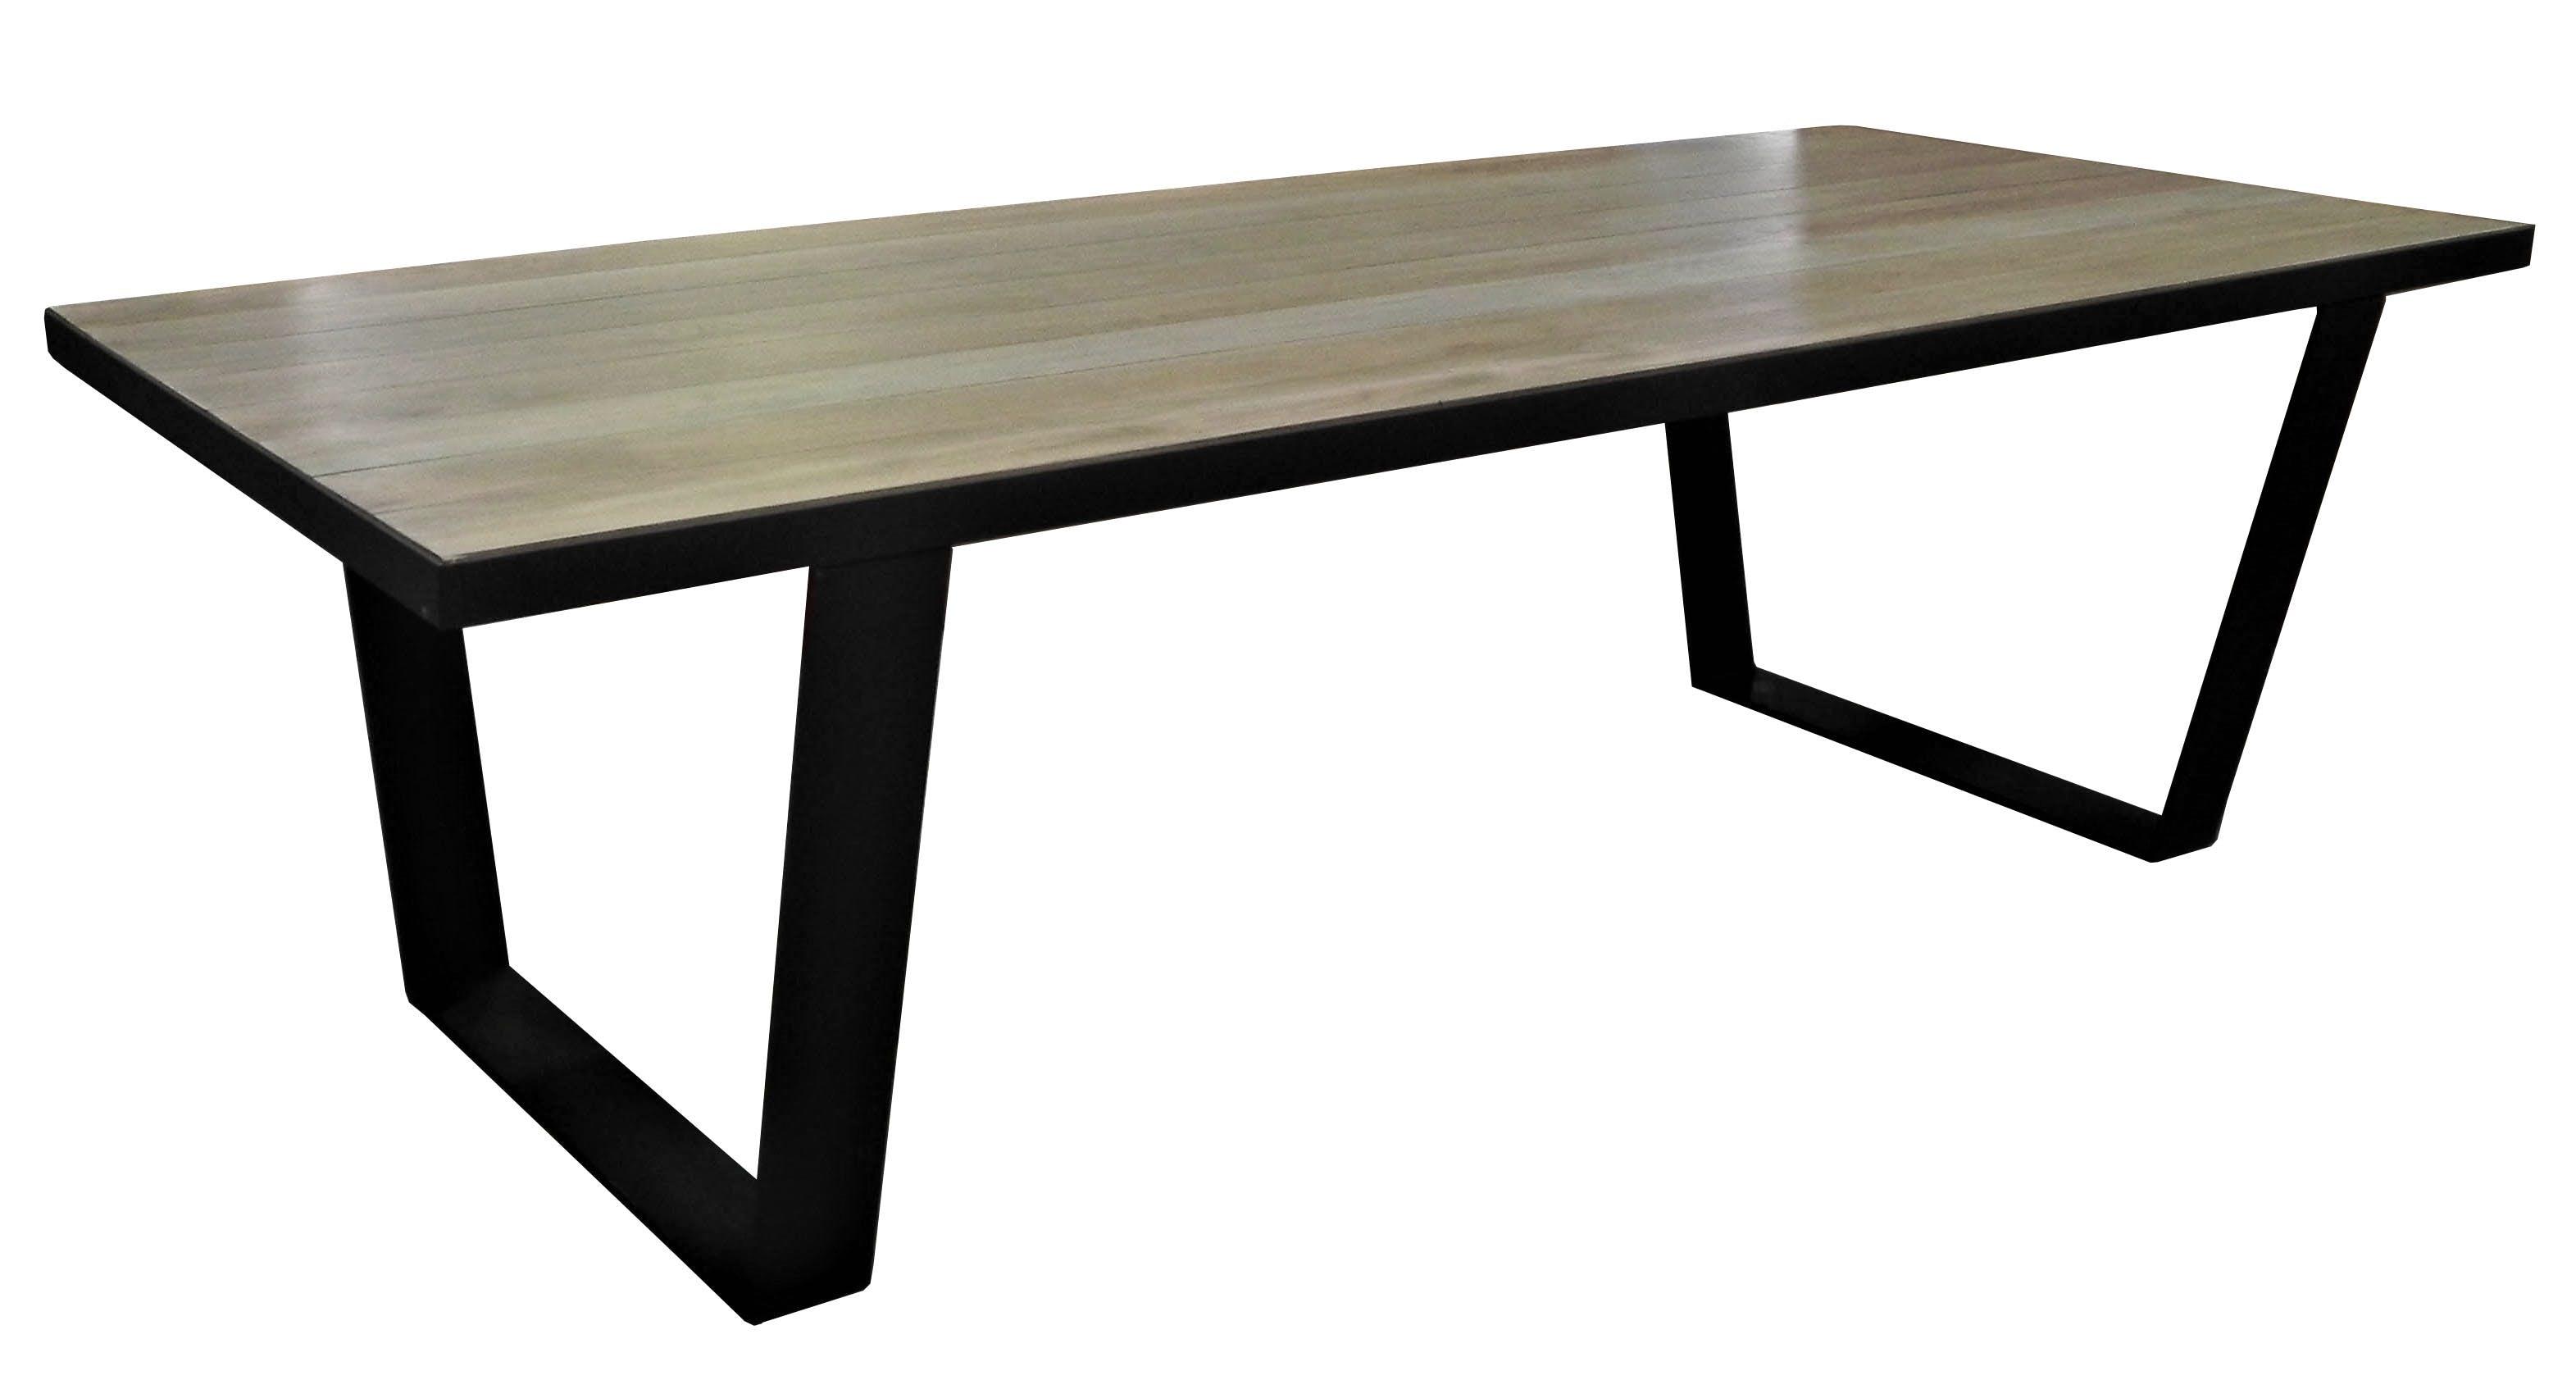 Table à manger 260cm chêne massif métal SOOMAA réf 30020871